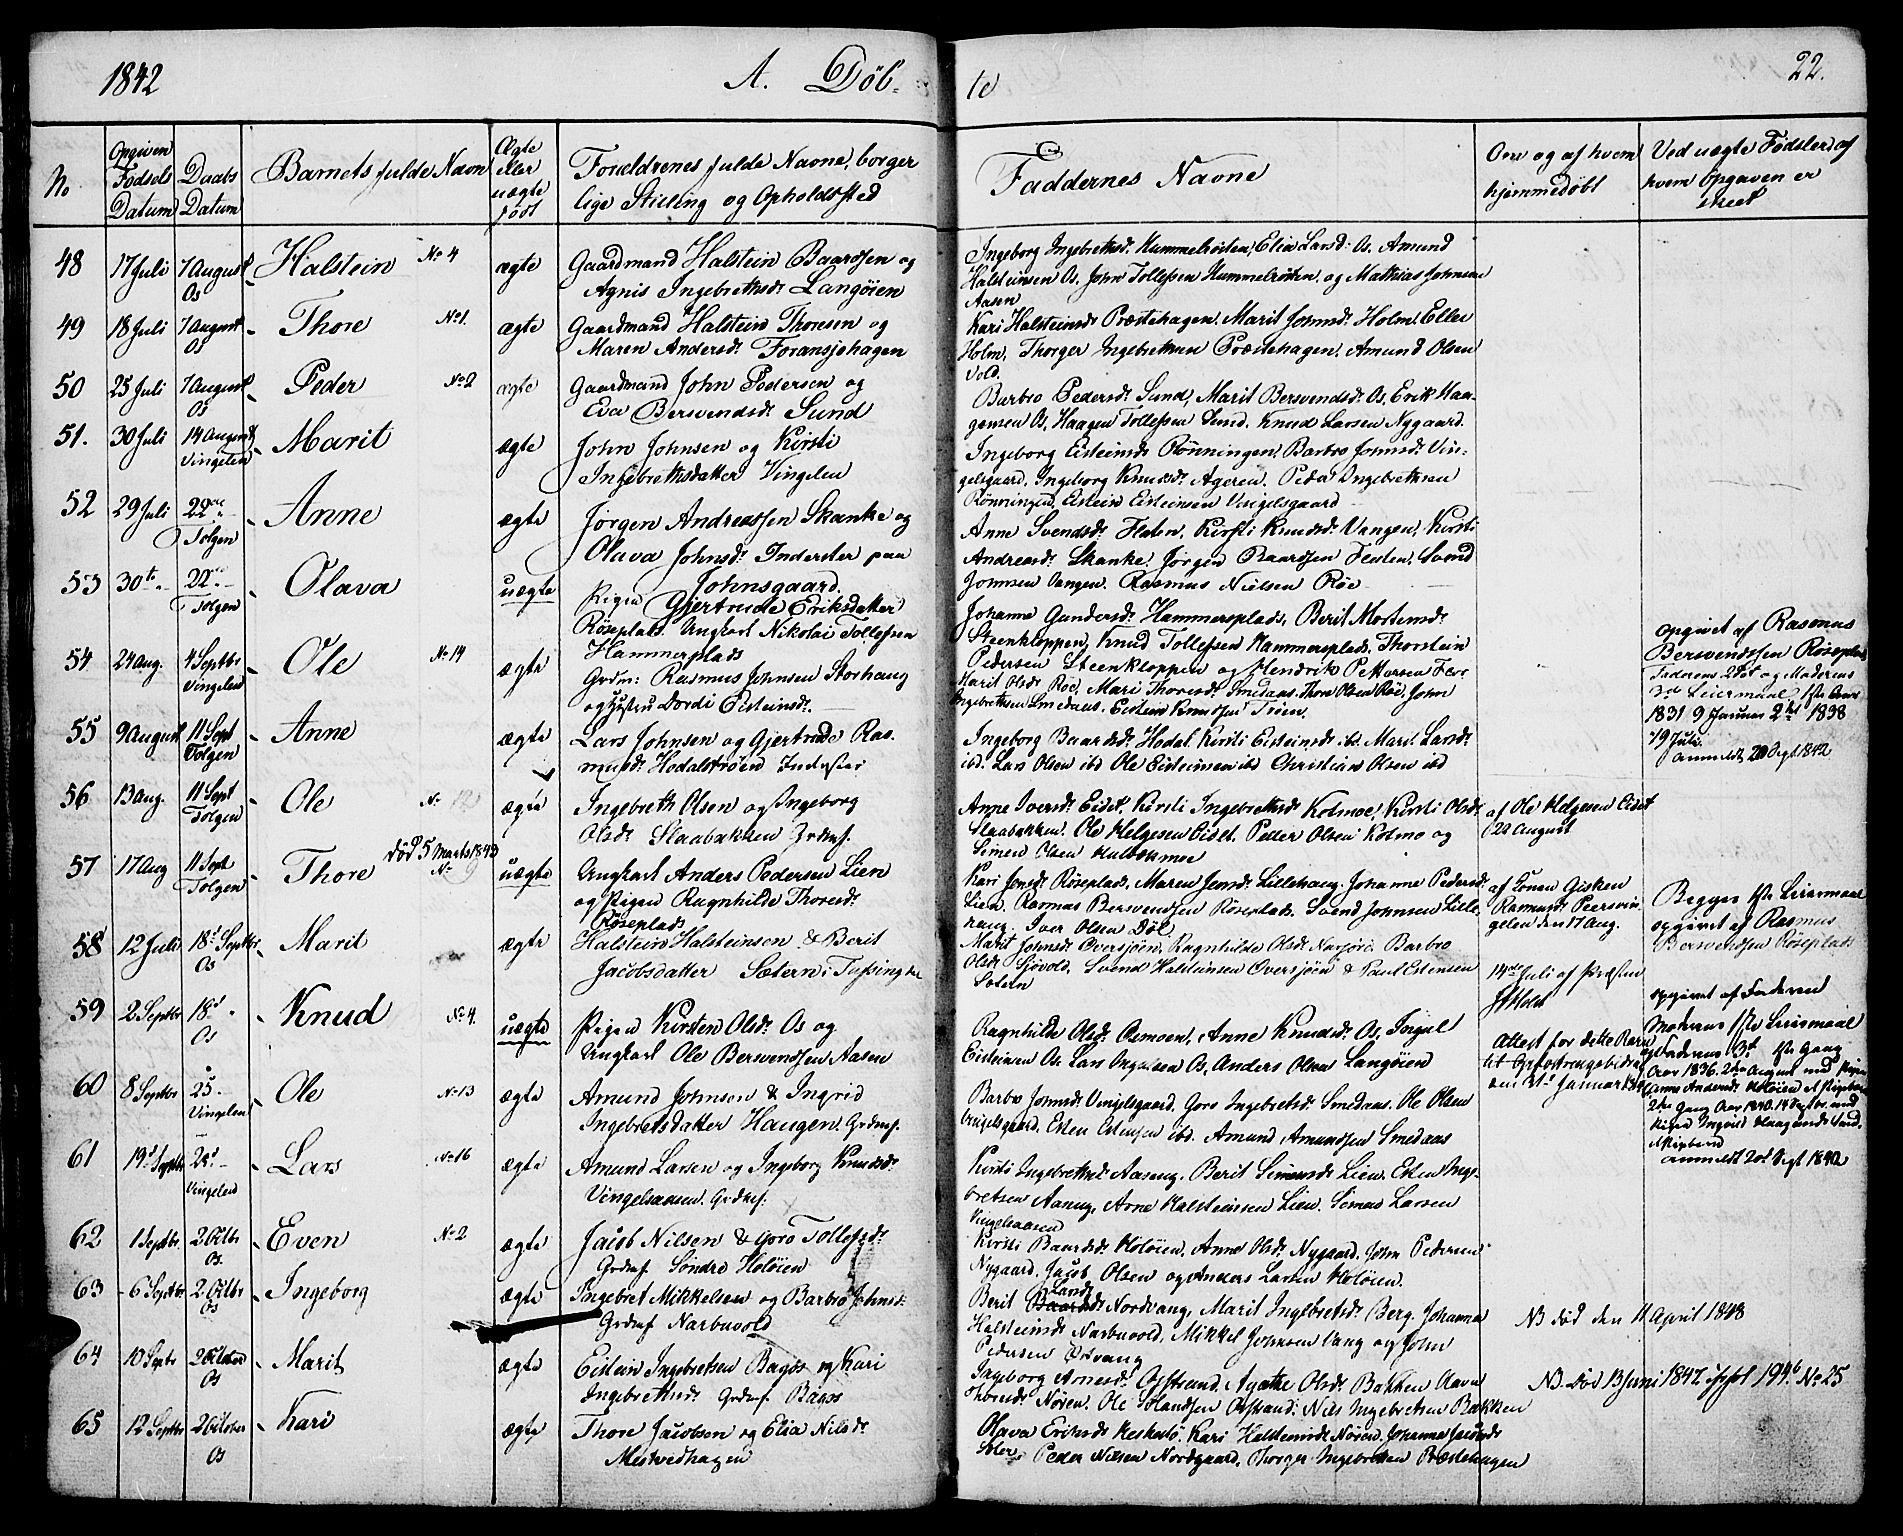 SAH, Tolga prestekontor, K/L0005: Ministerialbok nr. 5, 1836-1852, s. 22